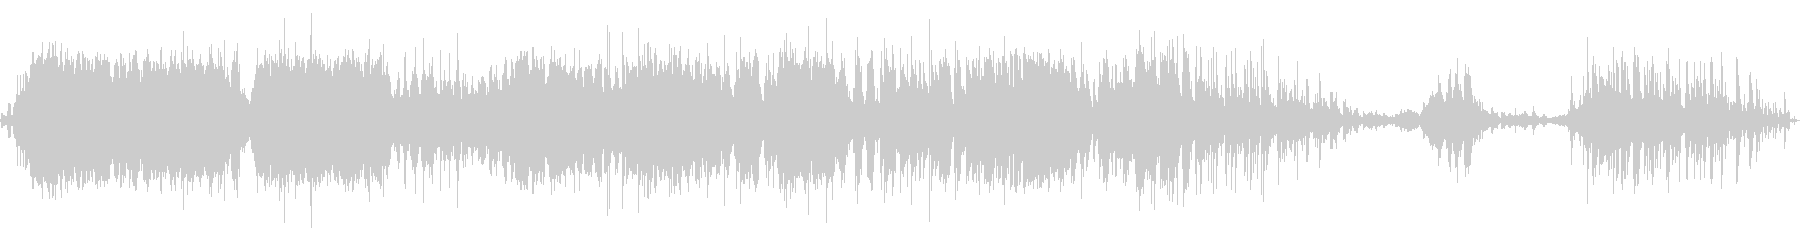 中級スタジオオーディエンス:拍手と...の未再生の波形